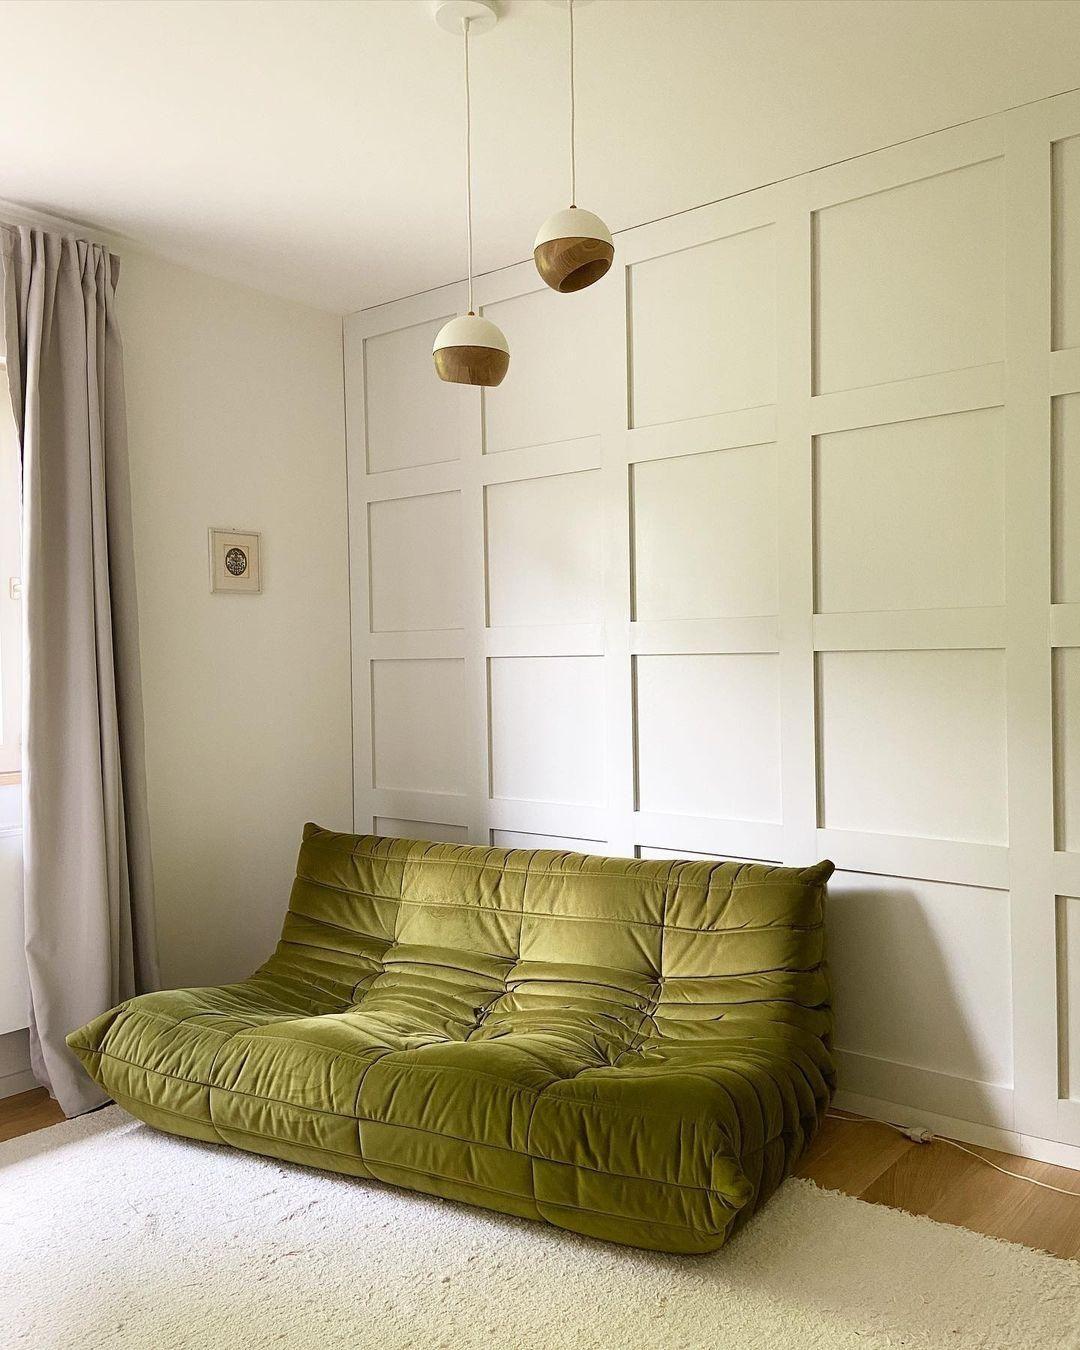 A Michel Ducaroy által tervezett, ikonikus Togo kanapé